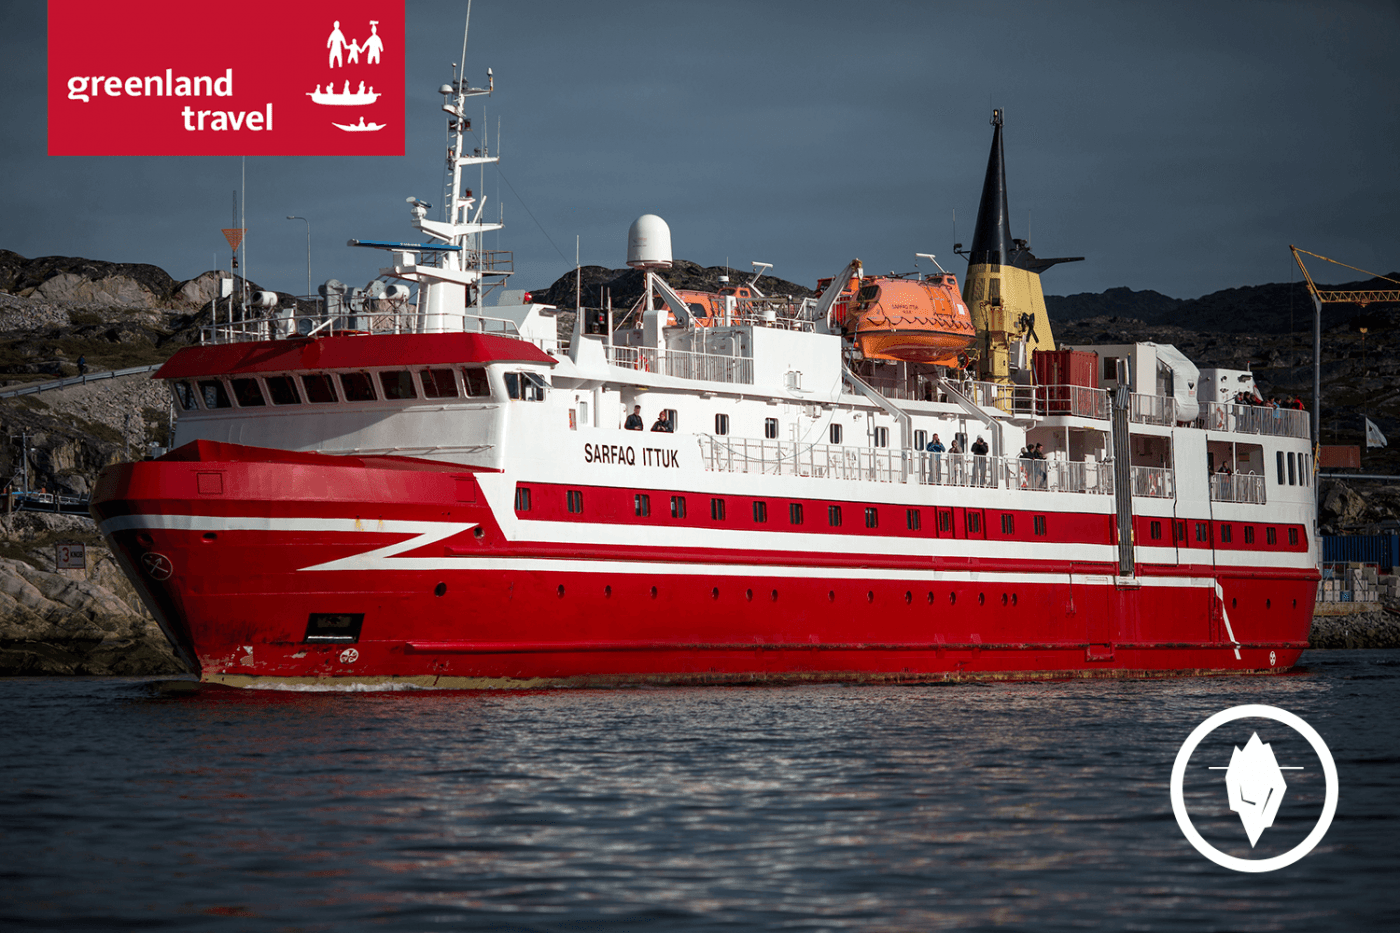 Grønlands Rejsebureau: Forårsfornemmelser! Tag på rundrejse i Grønland